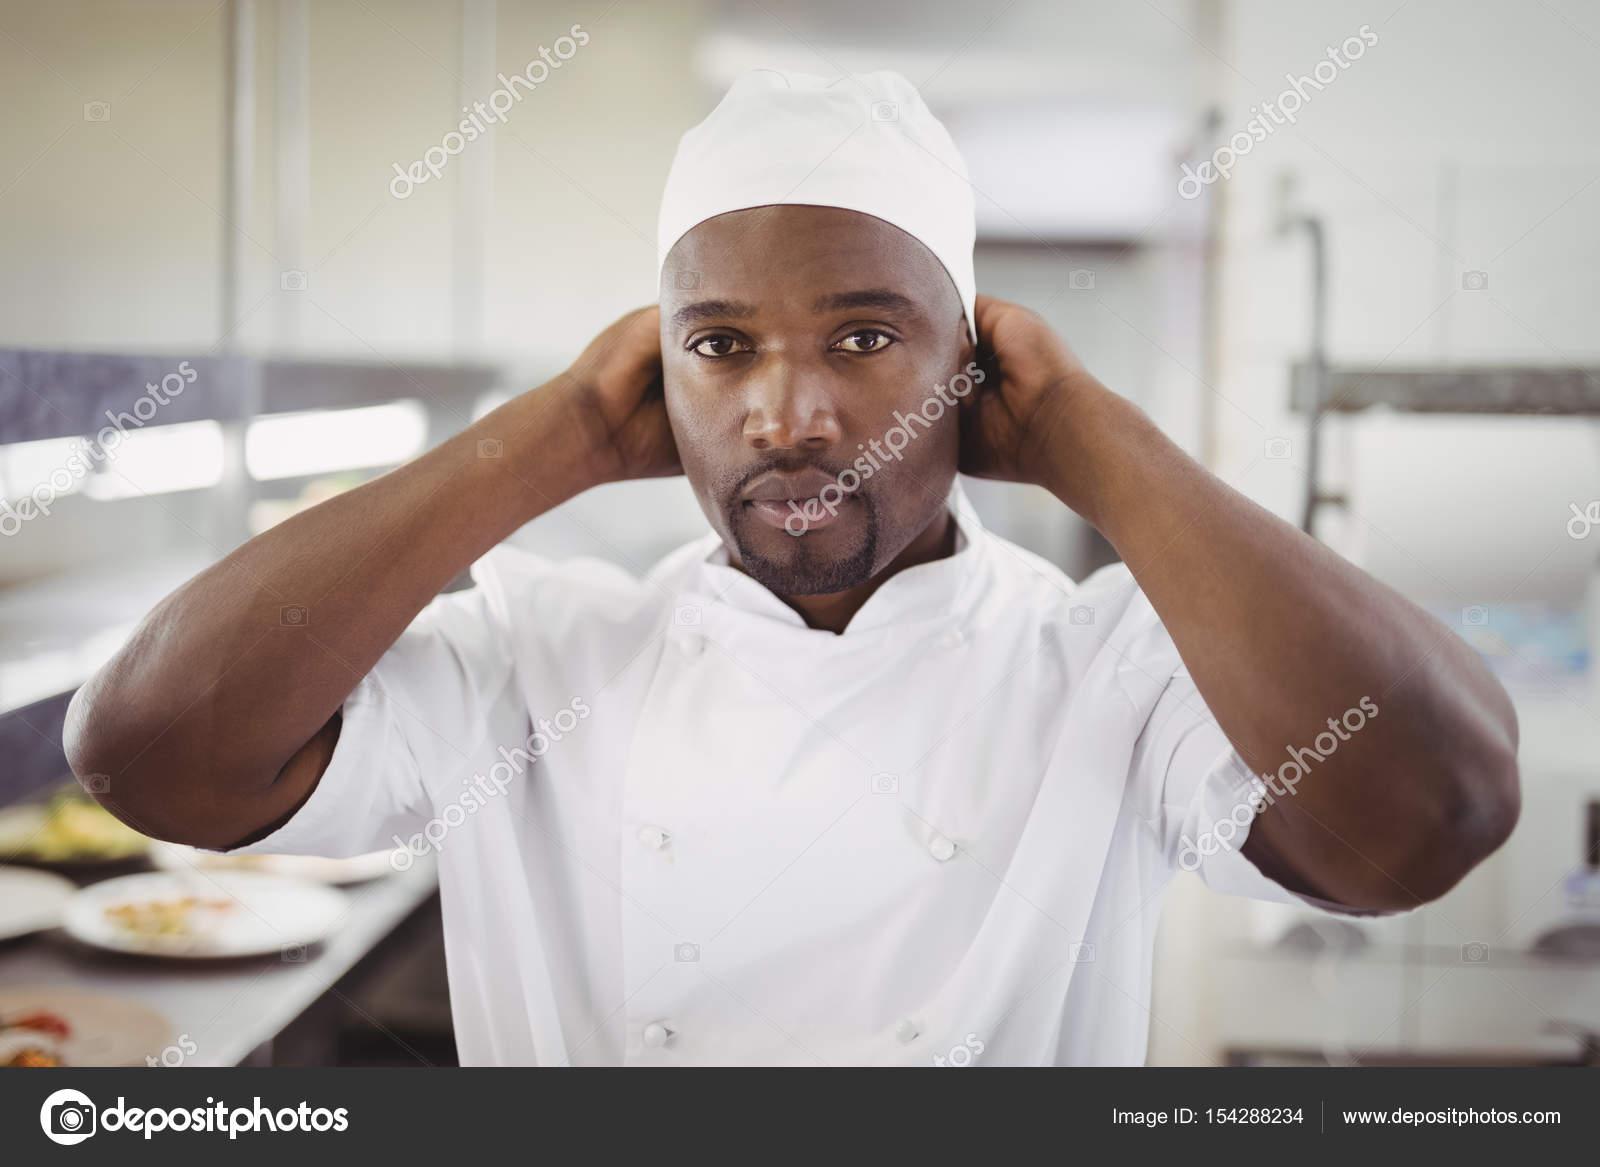 Chef Usando Chap U De Chefs De Cozinha Comercial Stock Photo